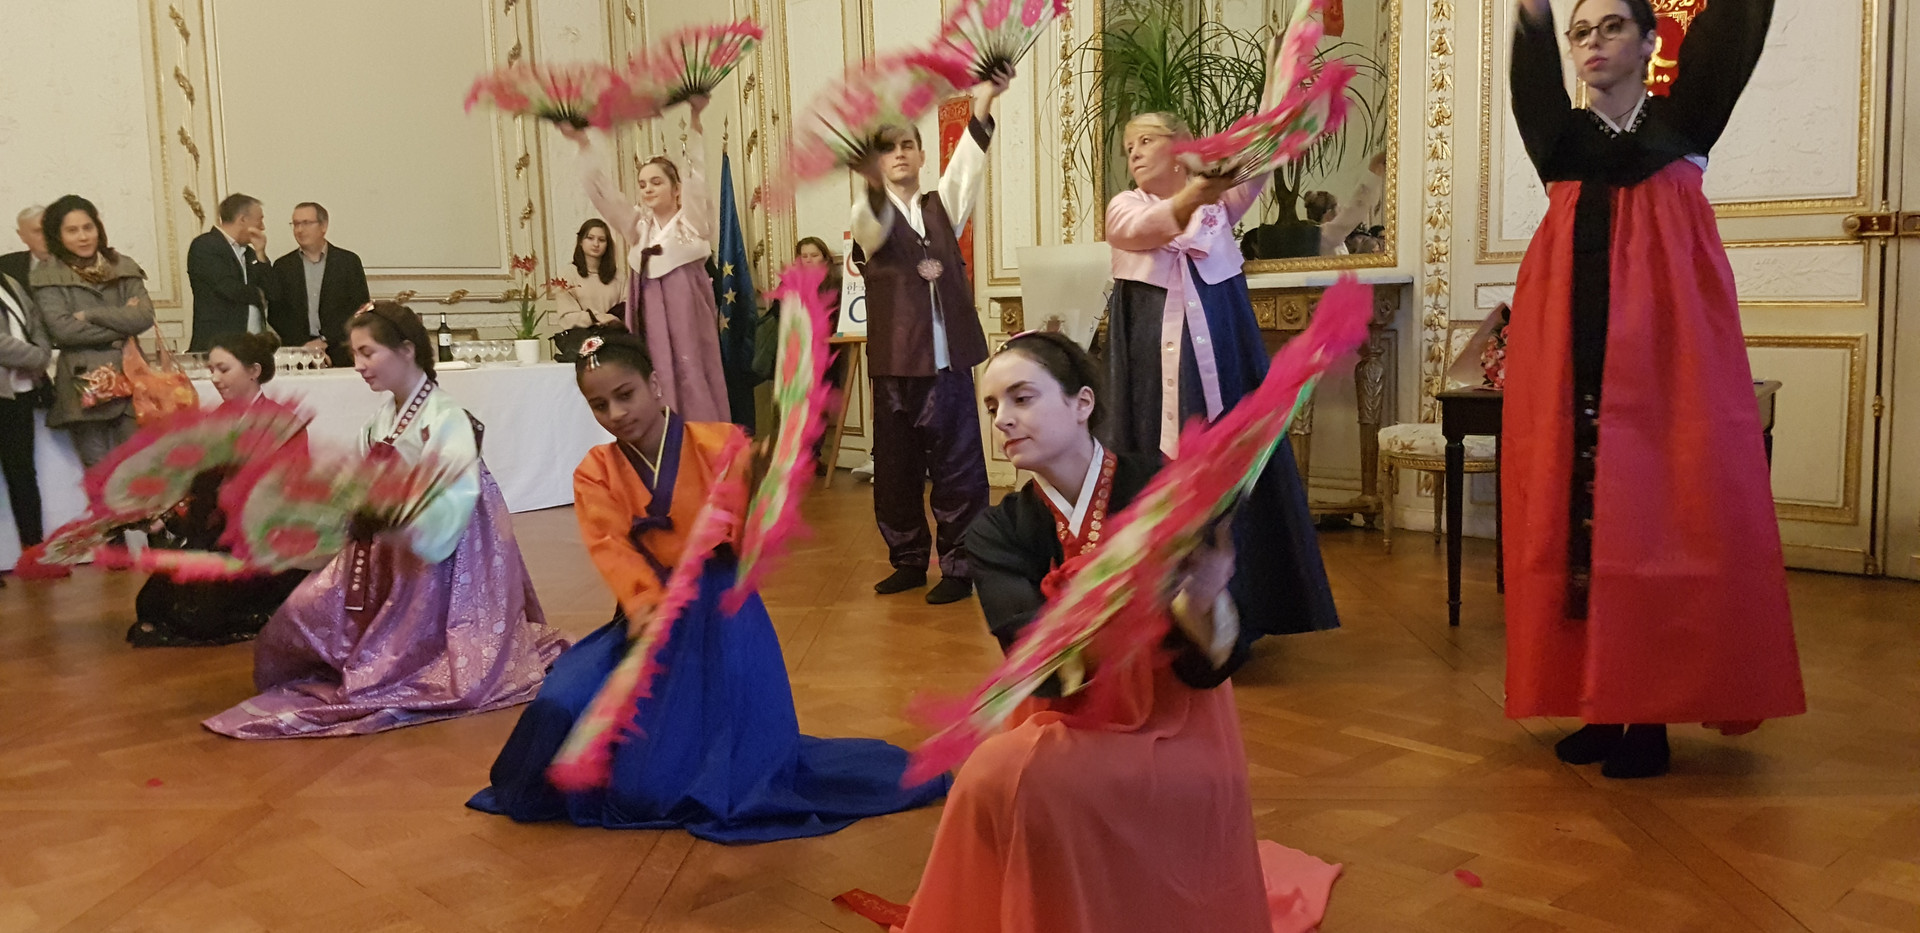 Danse de l'éventail par les membres de Couleur Corée lors de Seollal, à la mairie!